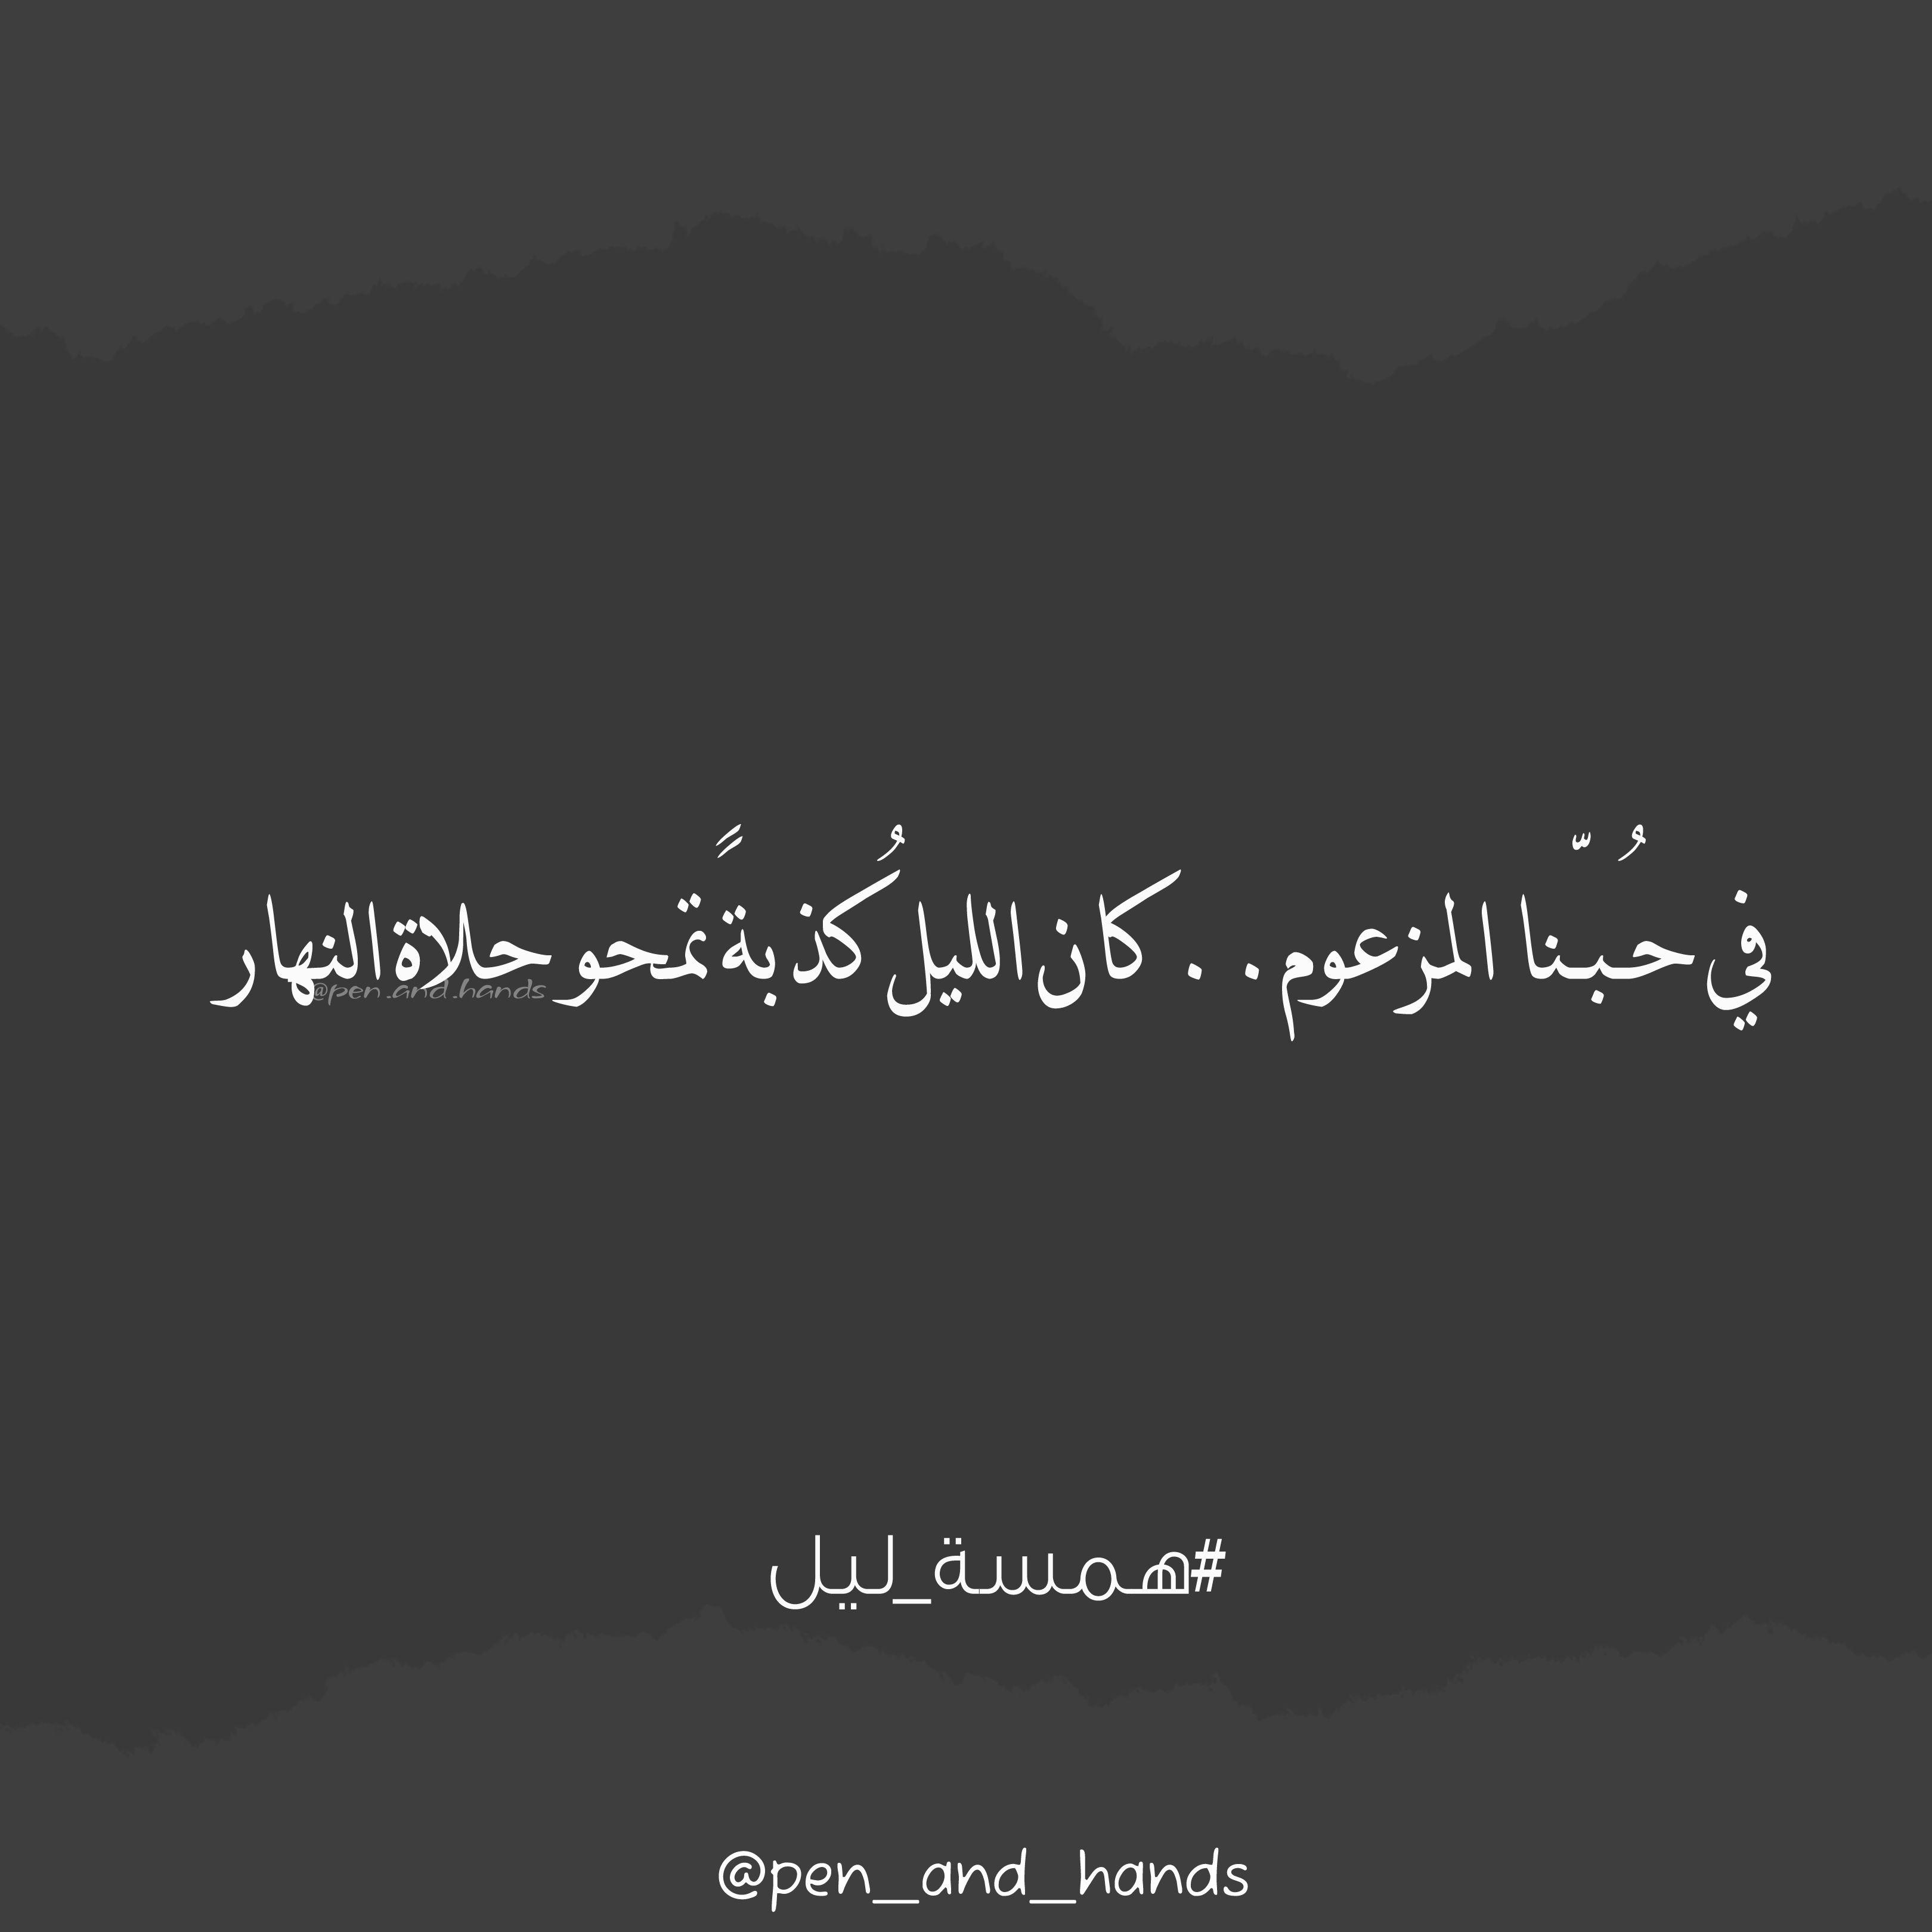 في ح ب نا المزعوم كان الليل كذبة تمحو حلاة النهار همسة ليل Arabic Calligraphy Calligraphy